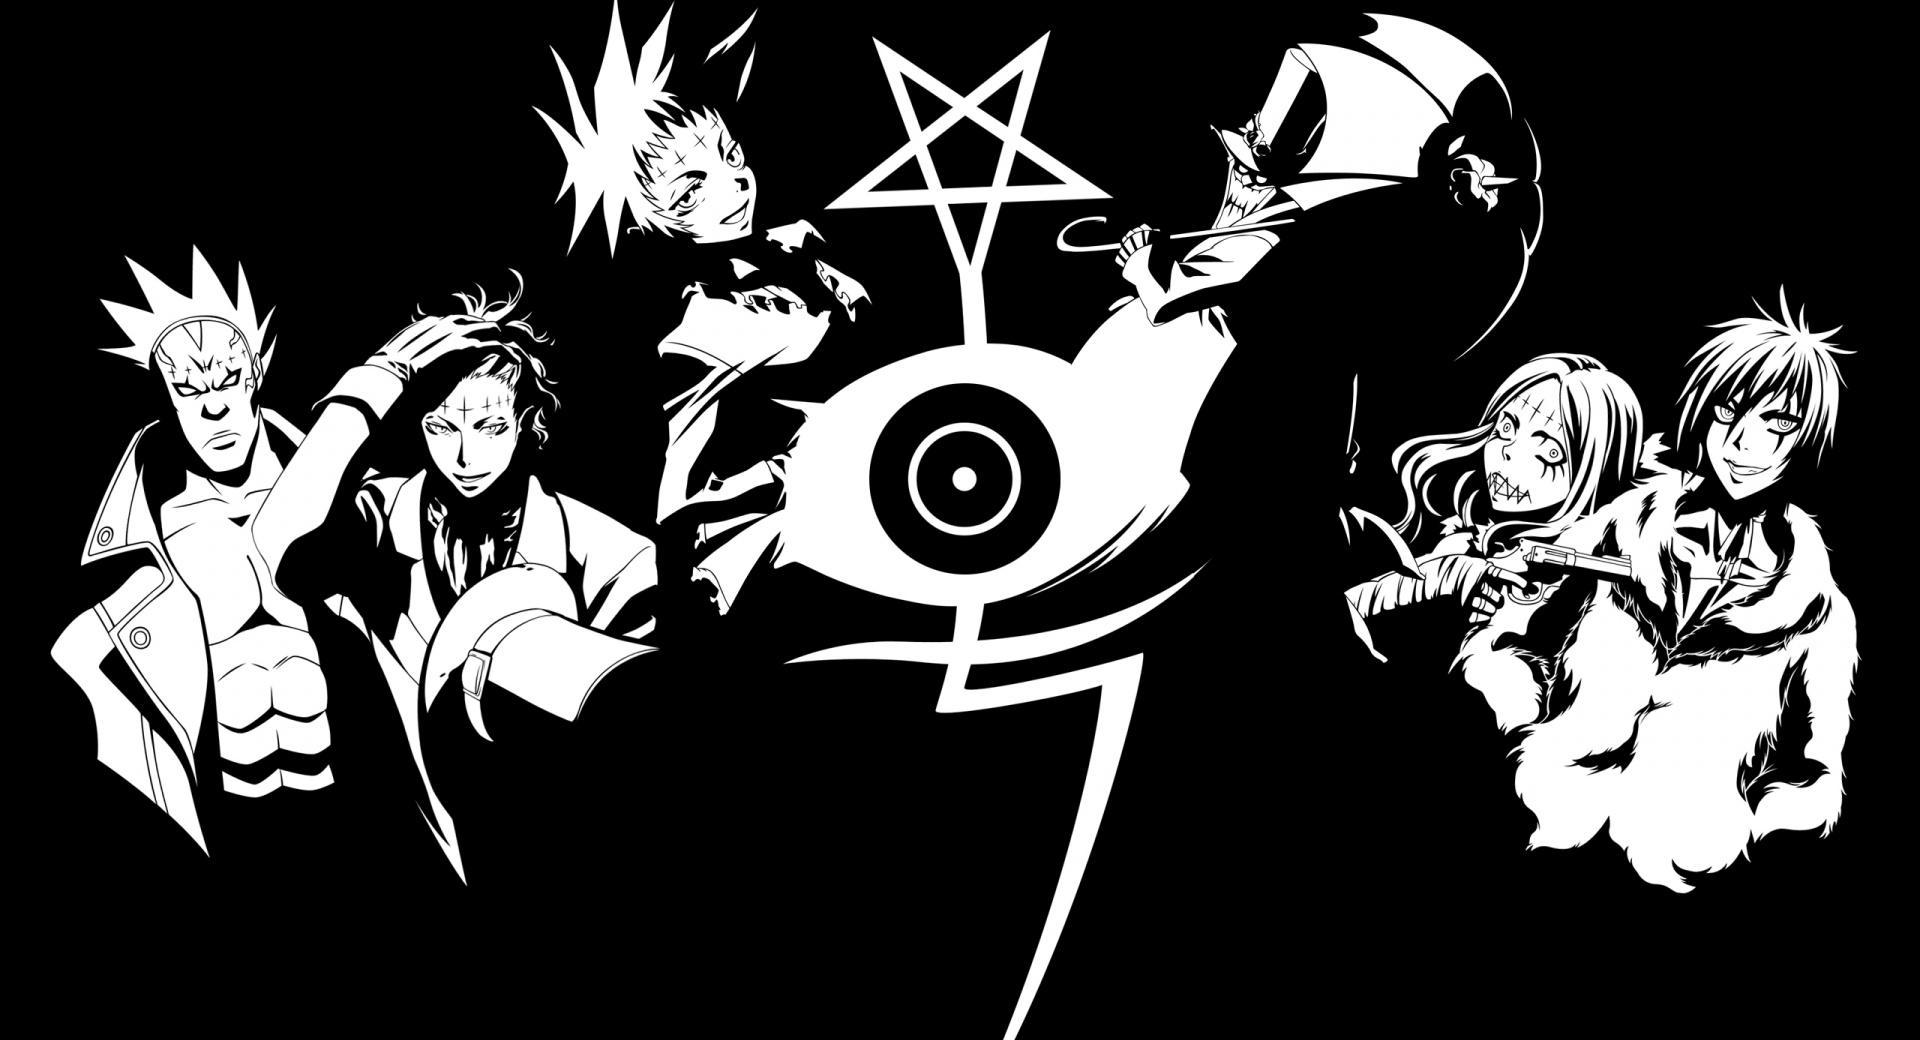 D Gray Man Manga wallpapers HD quality